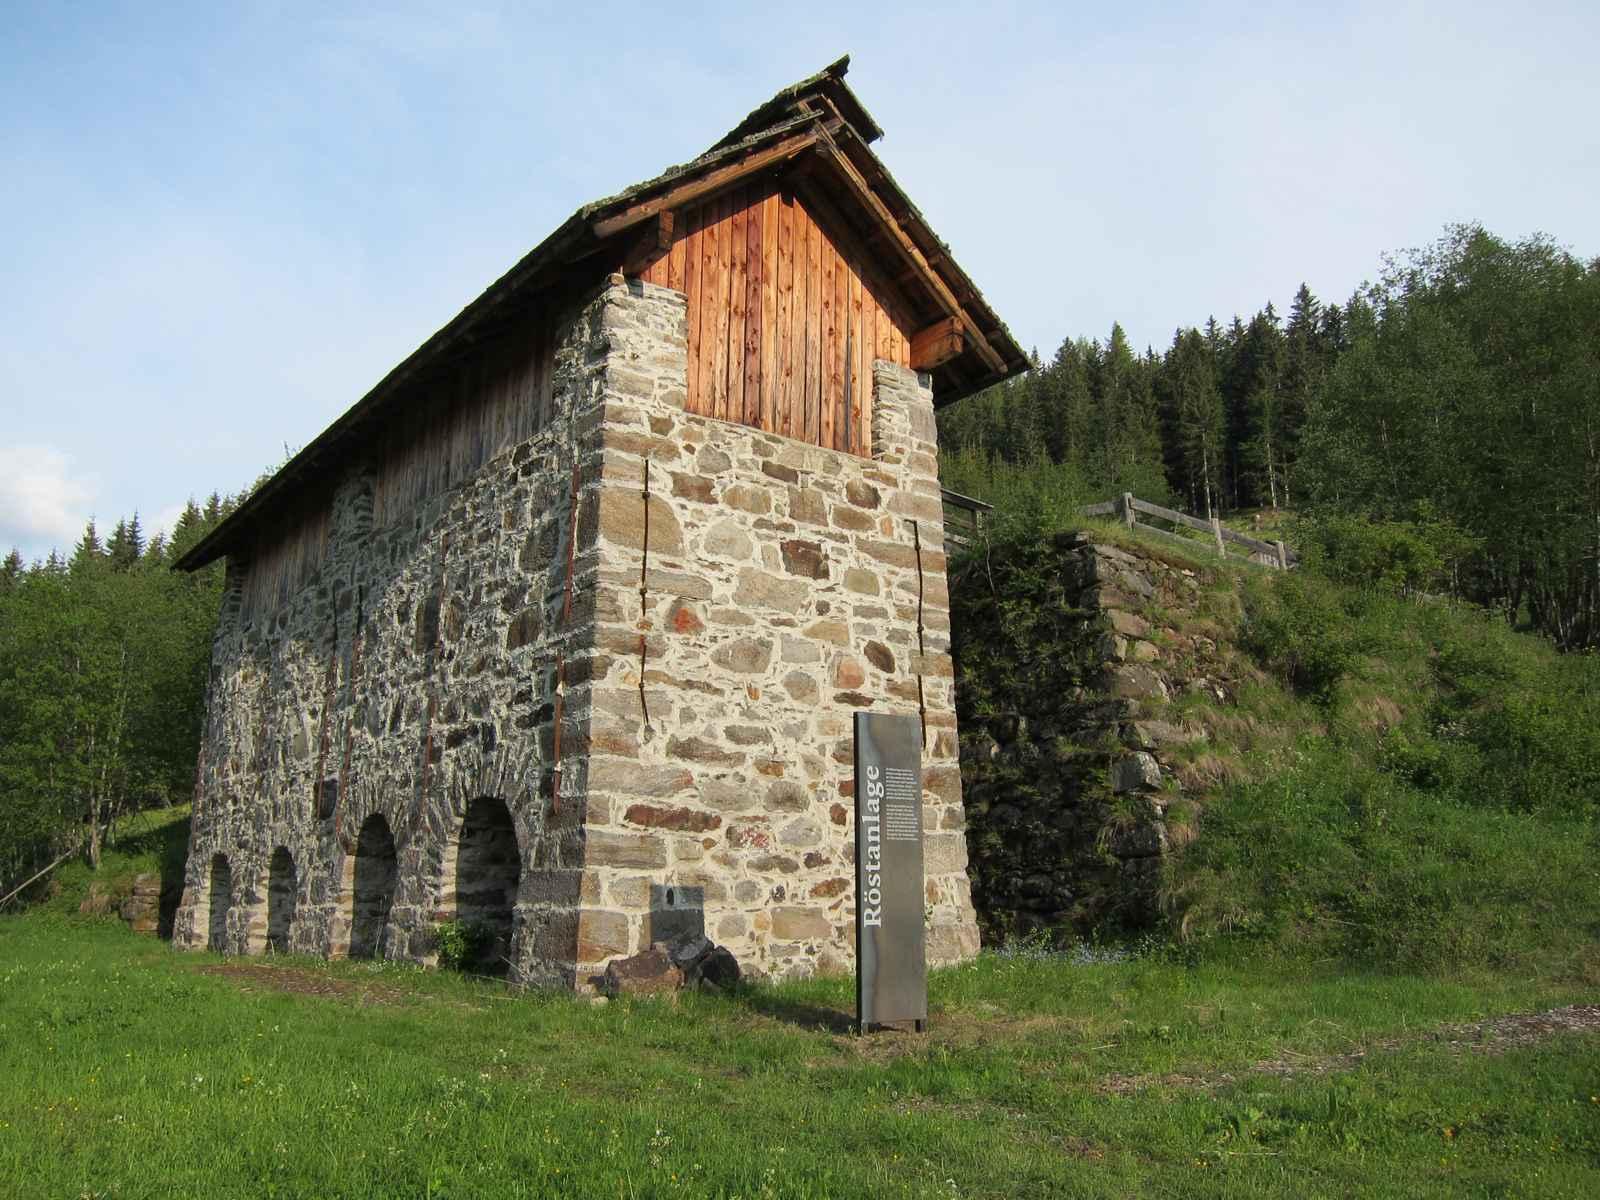 Röstanlage Gebäude mit Schwarzblechstele